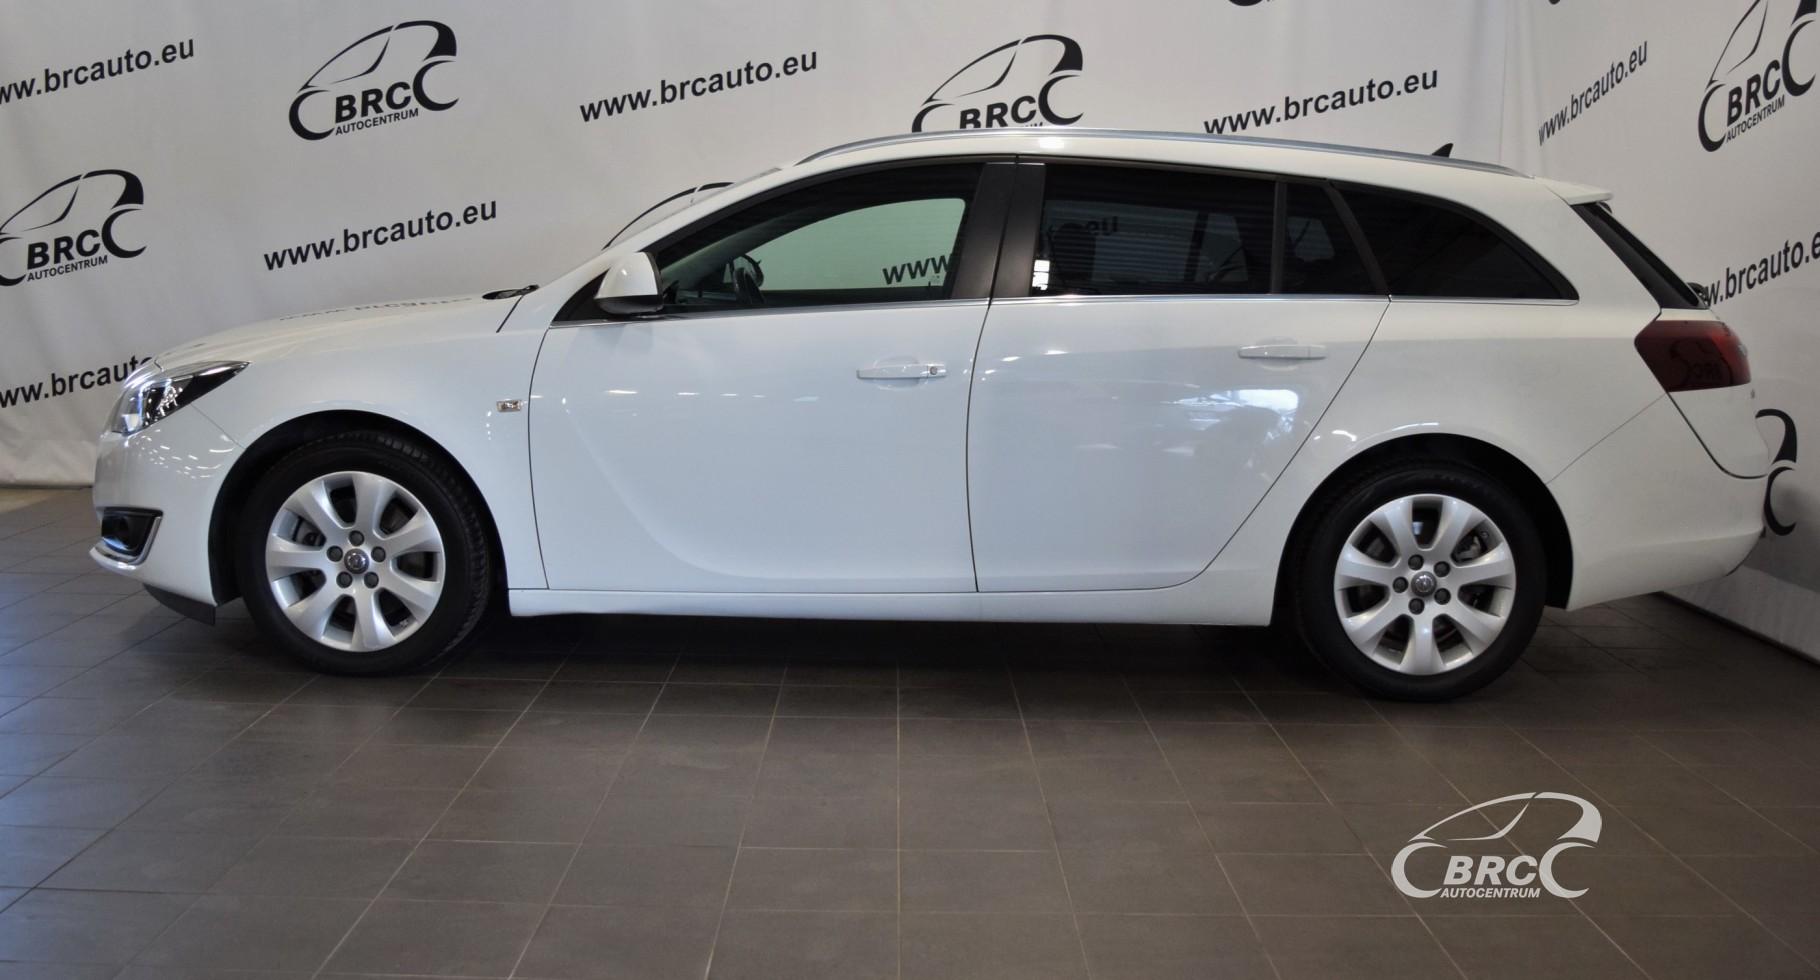 Opel Insignia Sports Tourer SW ECOflex